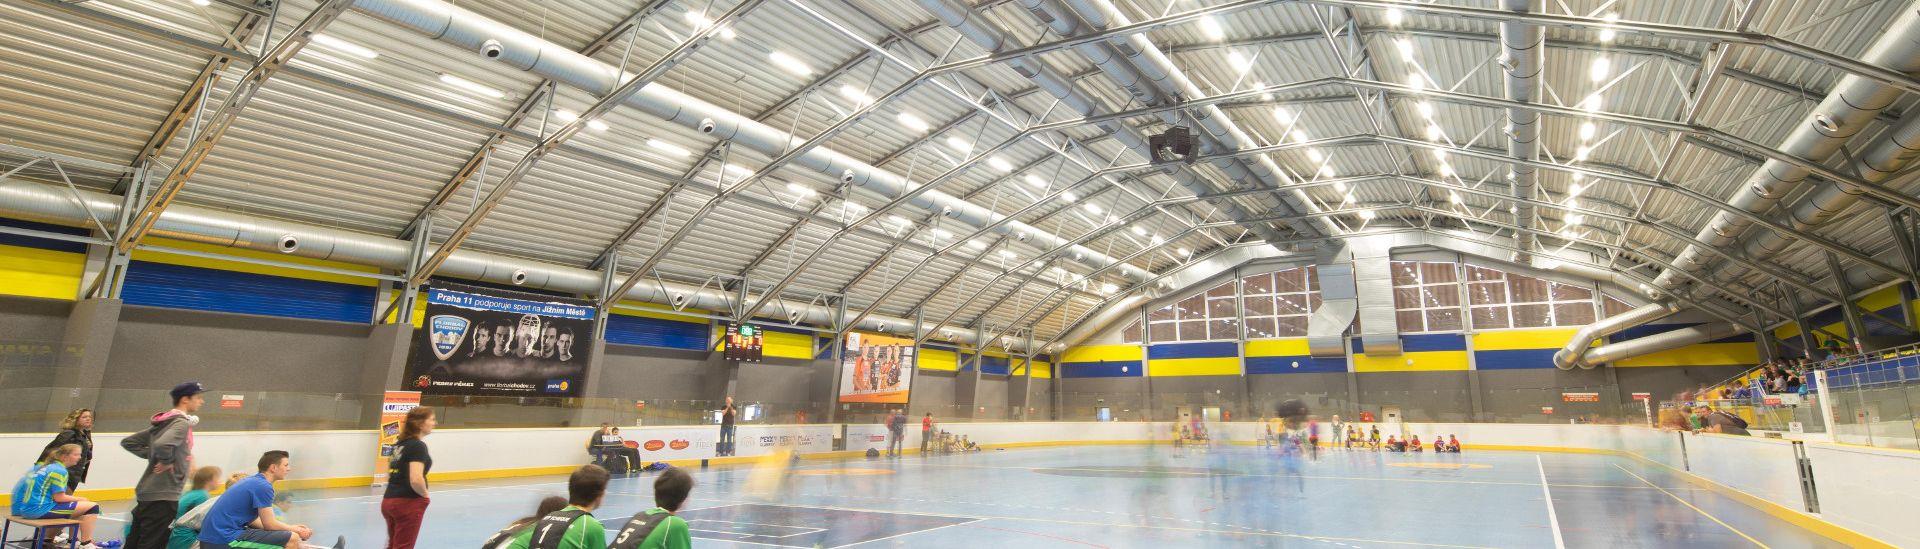 Městská sportovní hala LLENTAB v Praze 11